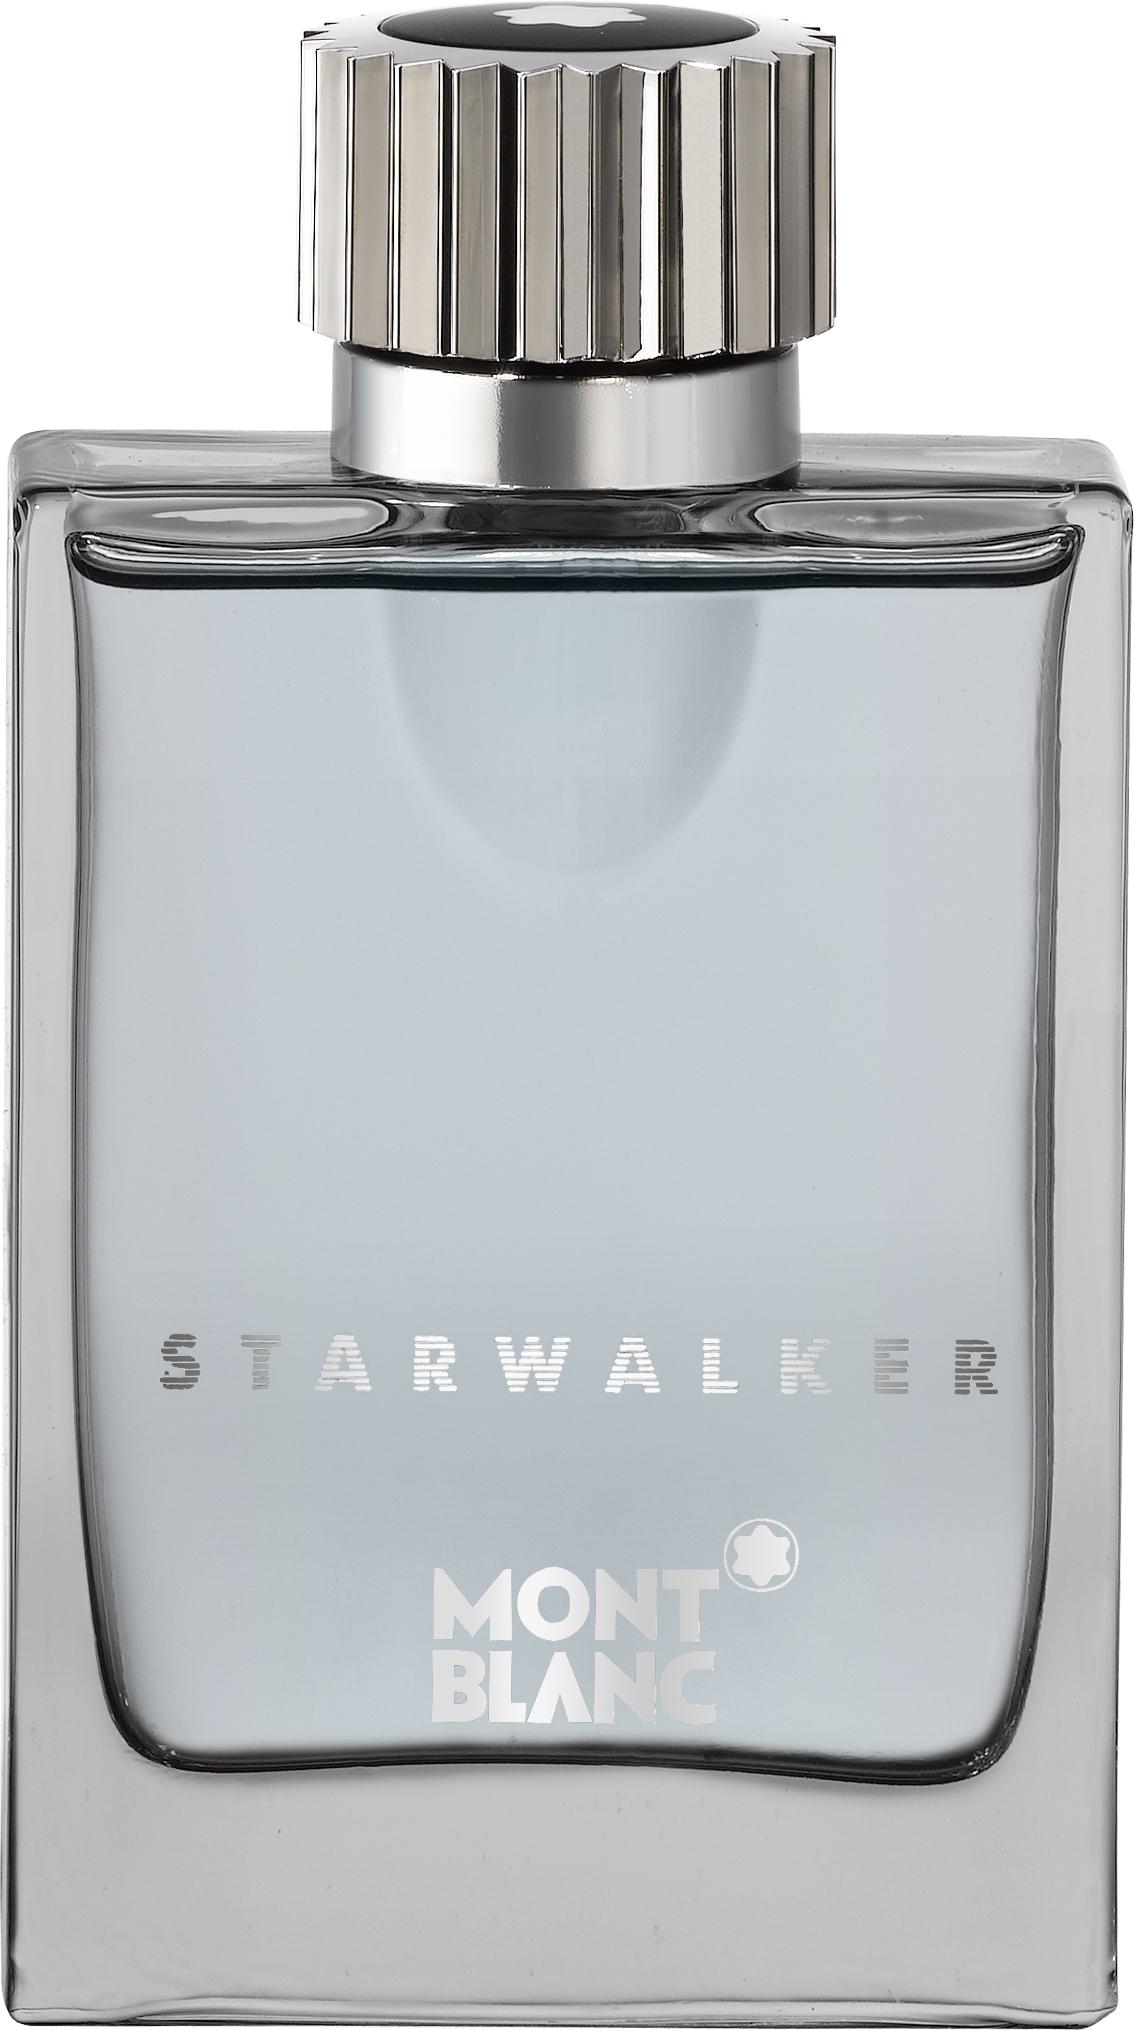 Starwalker